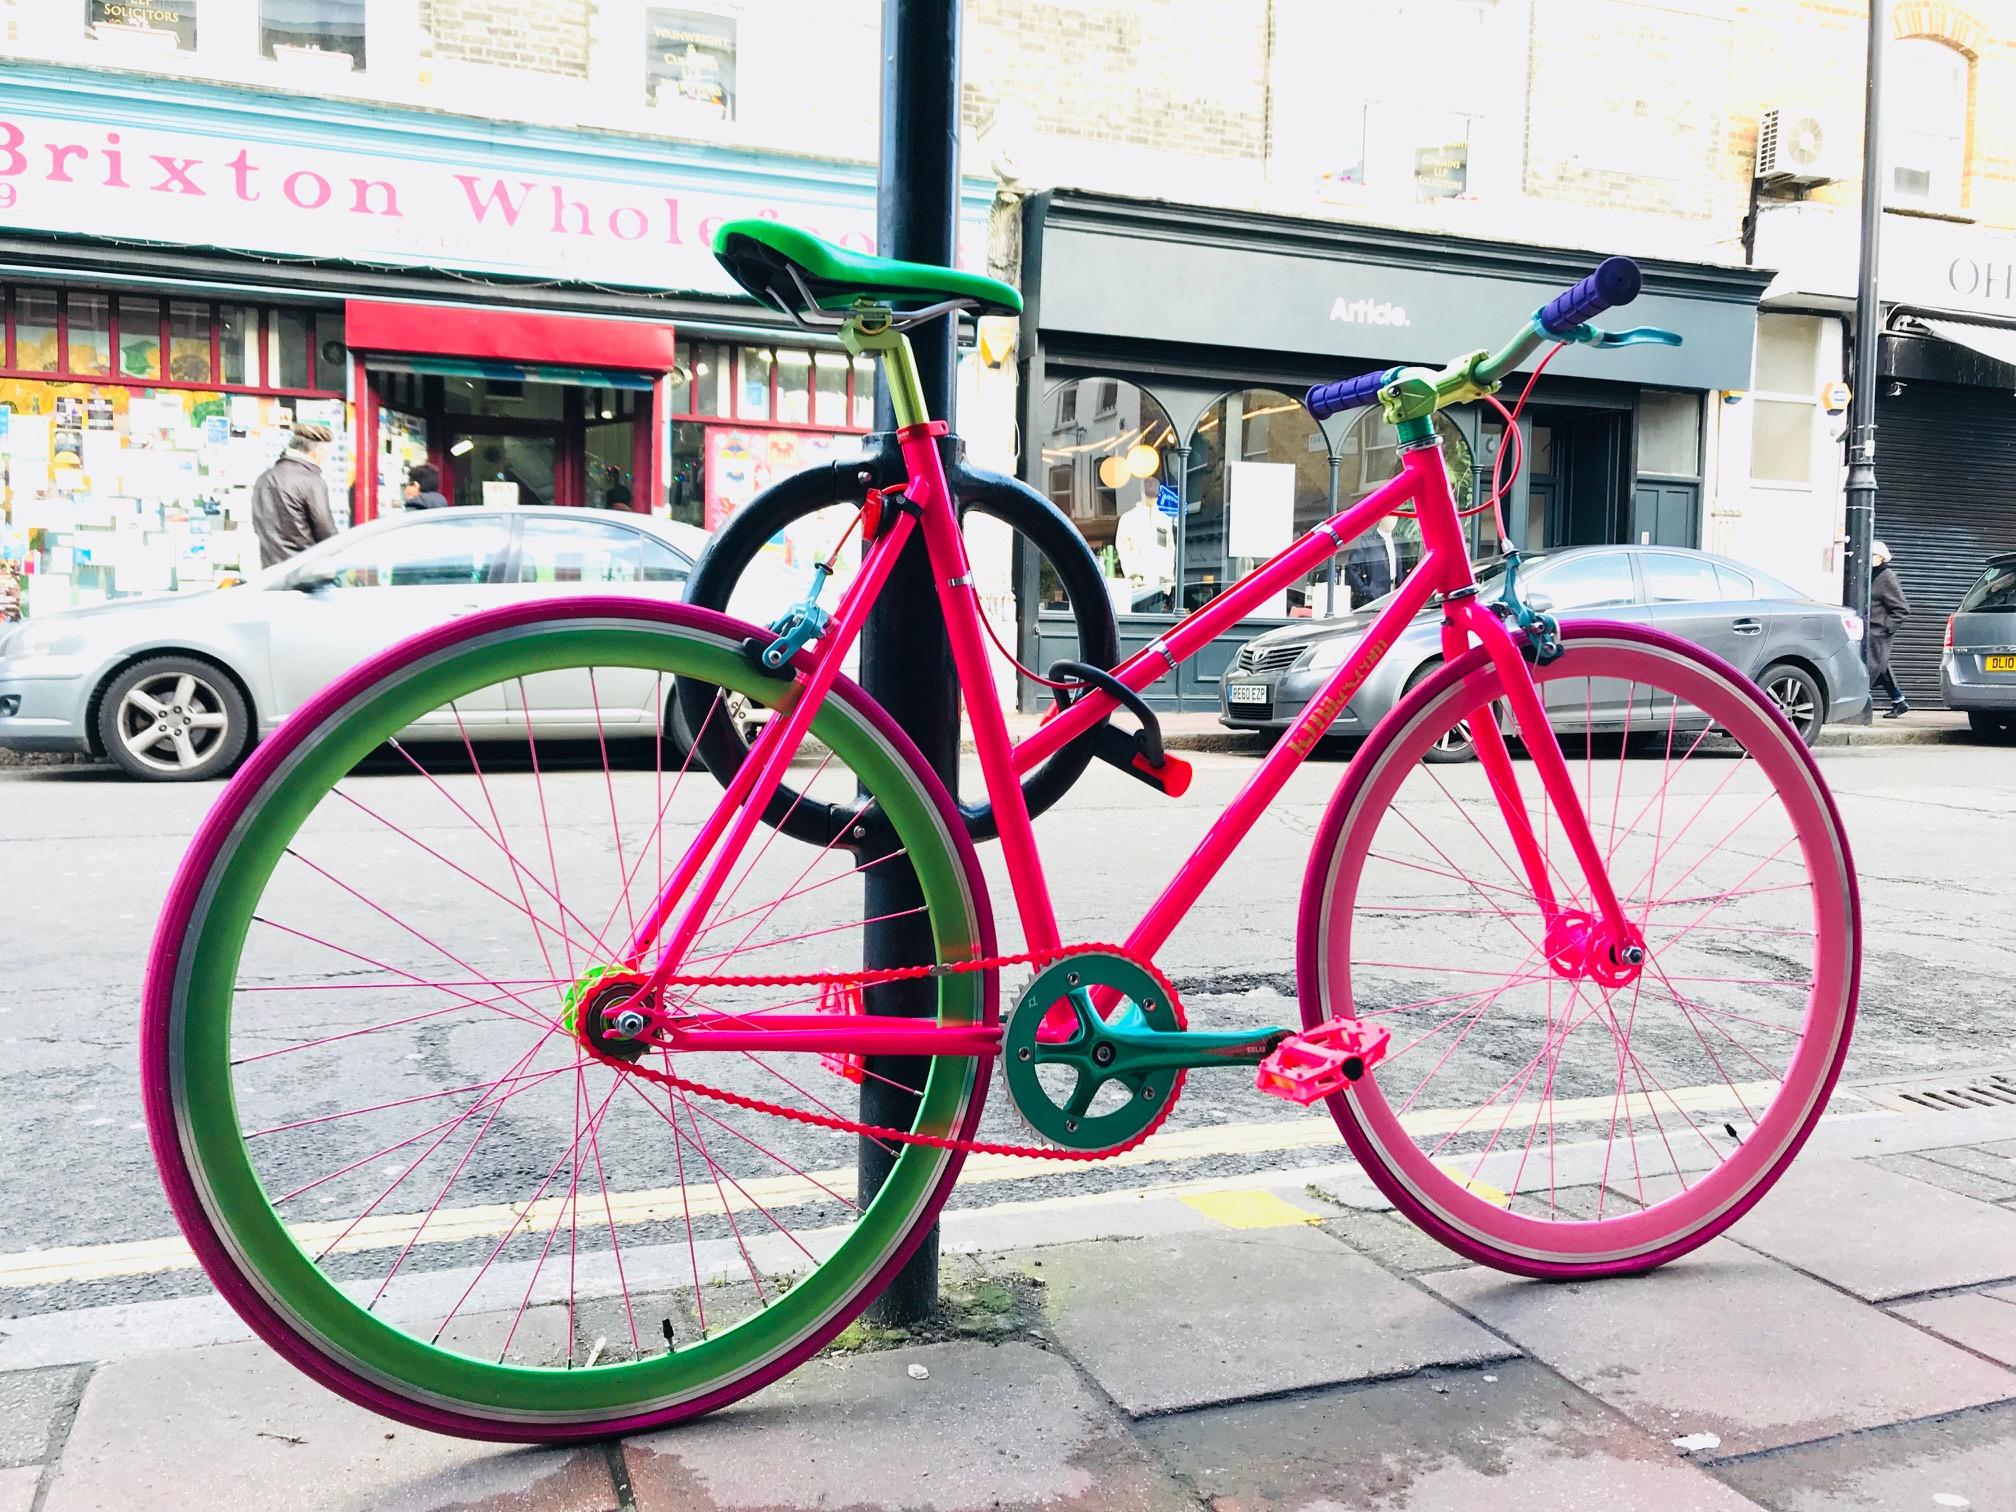 ロンドン編。う〜〜〜んと唸ってしまう自転車達。